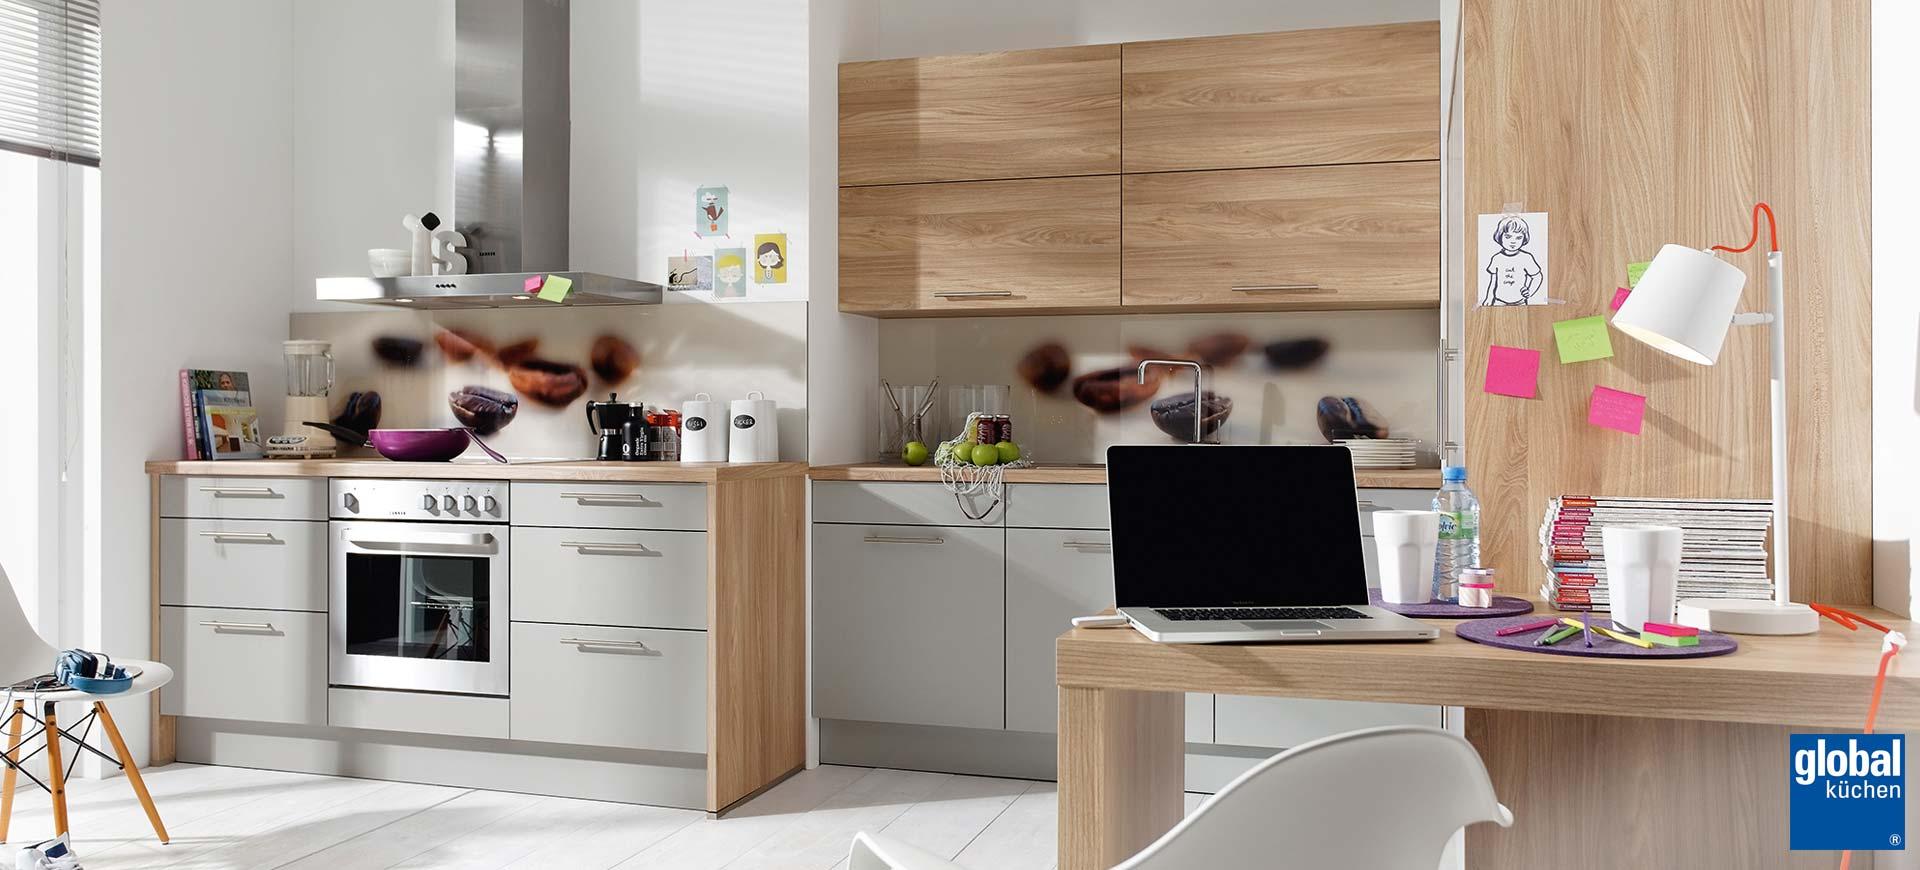 Ungewöhnlich Unter Gegenbeleuchtung Küche Lowes Bilder - Ideen Für ...